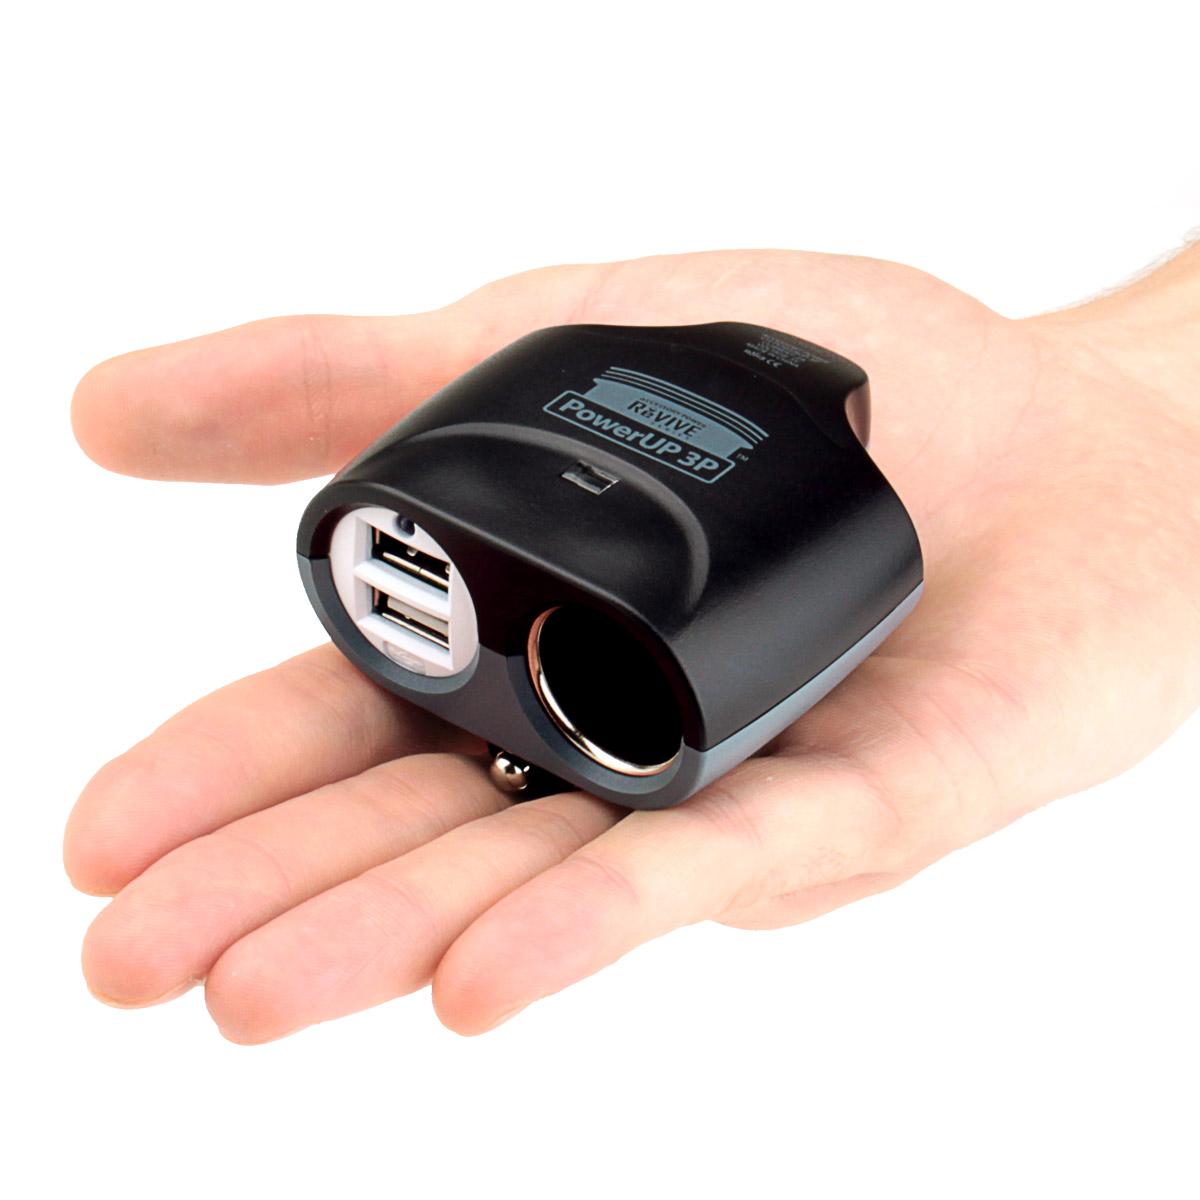 ReVIVE PowerUP 3P Rapid Car Charger + DC Outlet & Dual USB